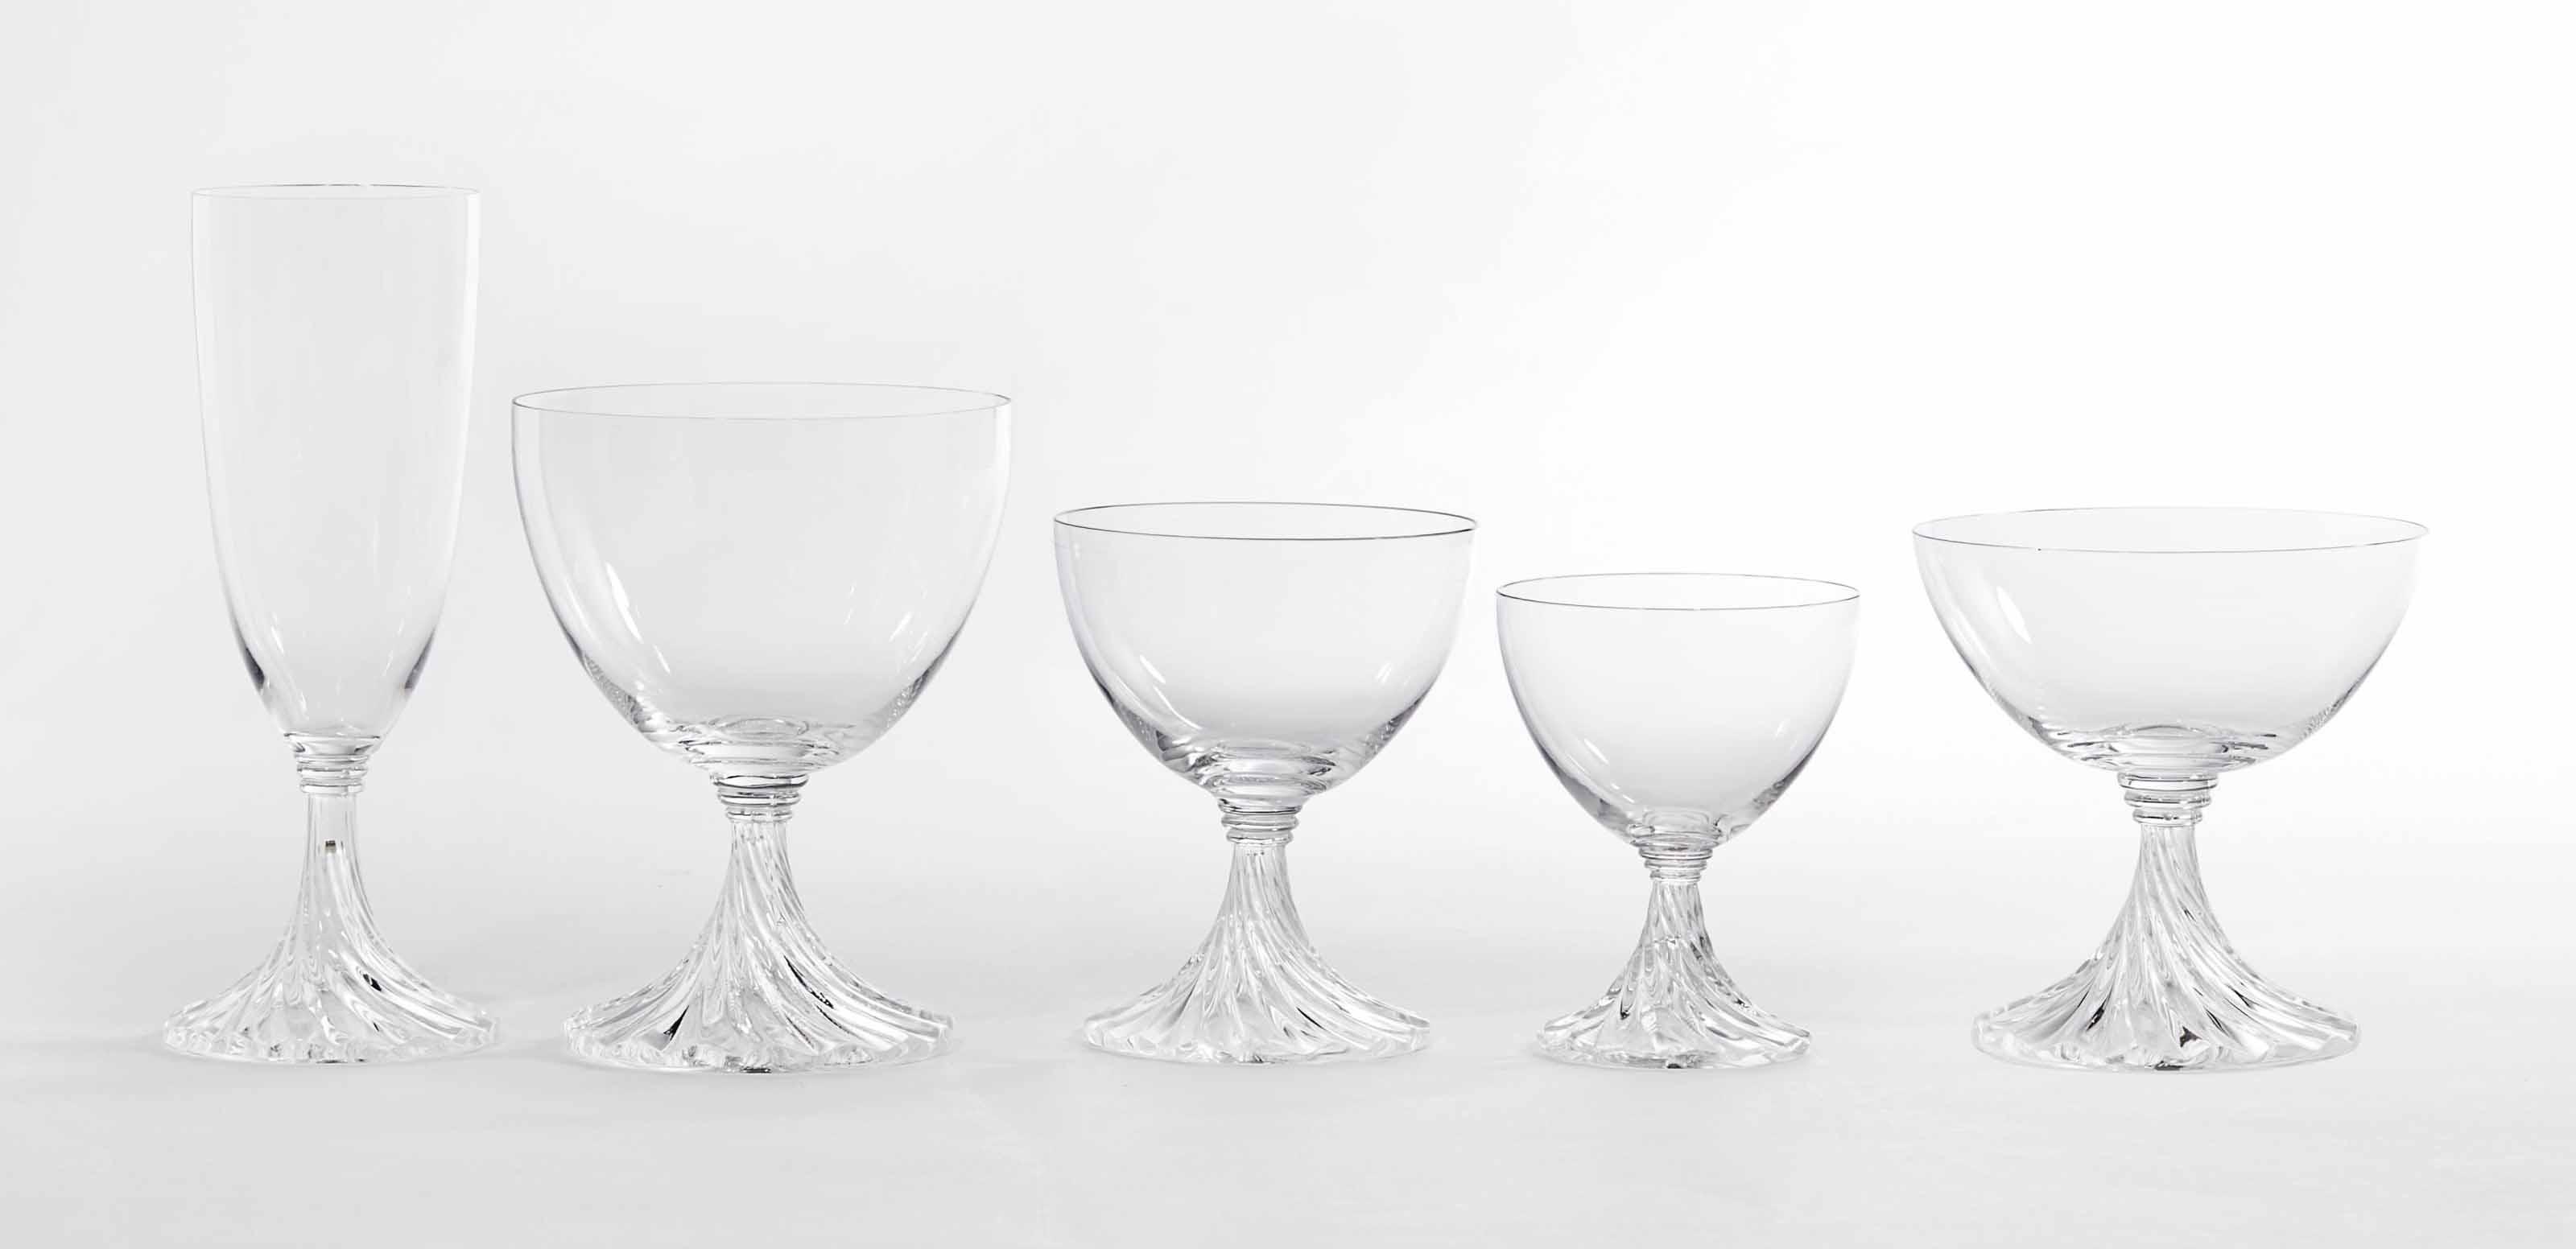 partie de service de verres en cristal graves lalique france christie 39 s. Black Bedroom Furniture Sets. Home Design Ideas